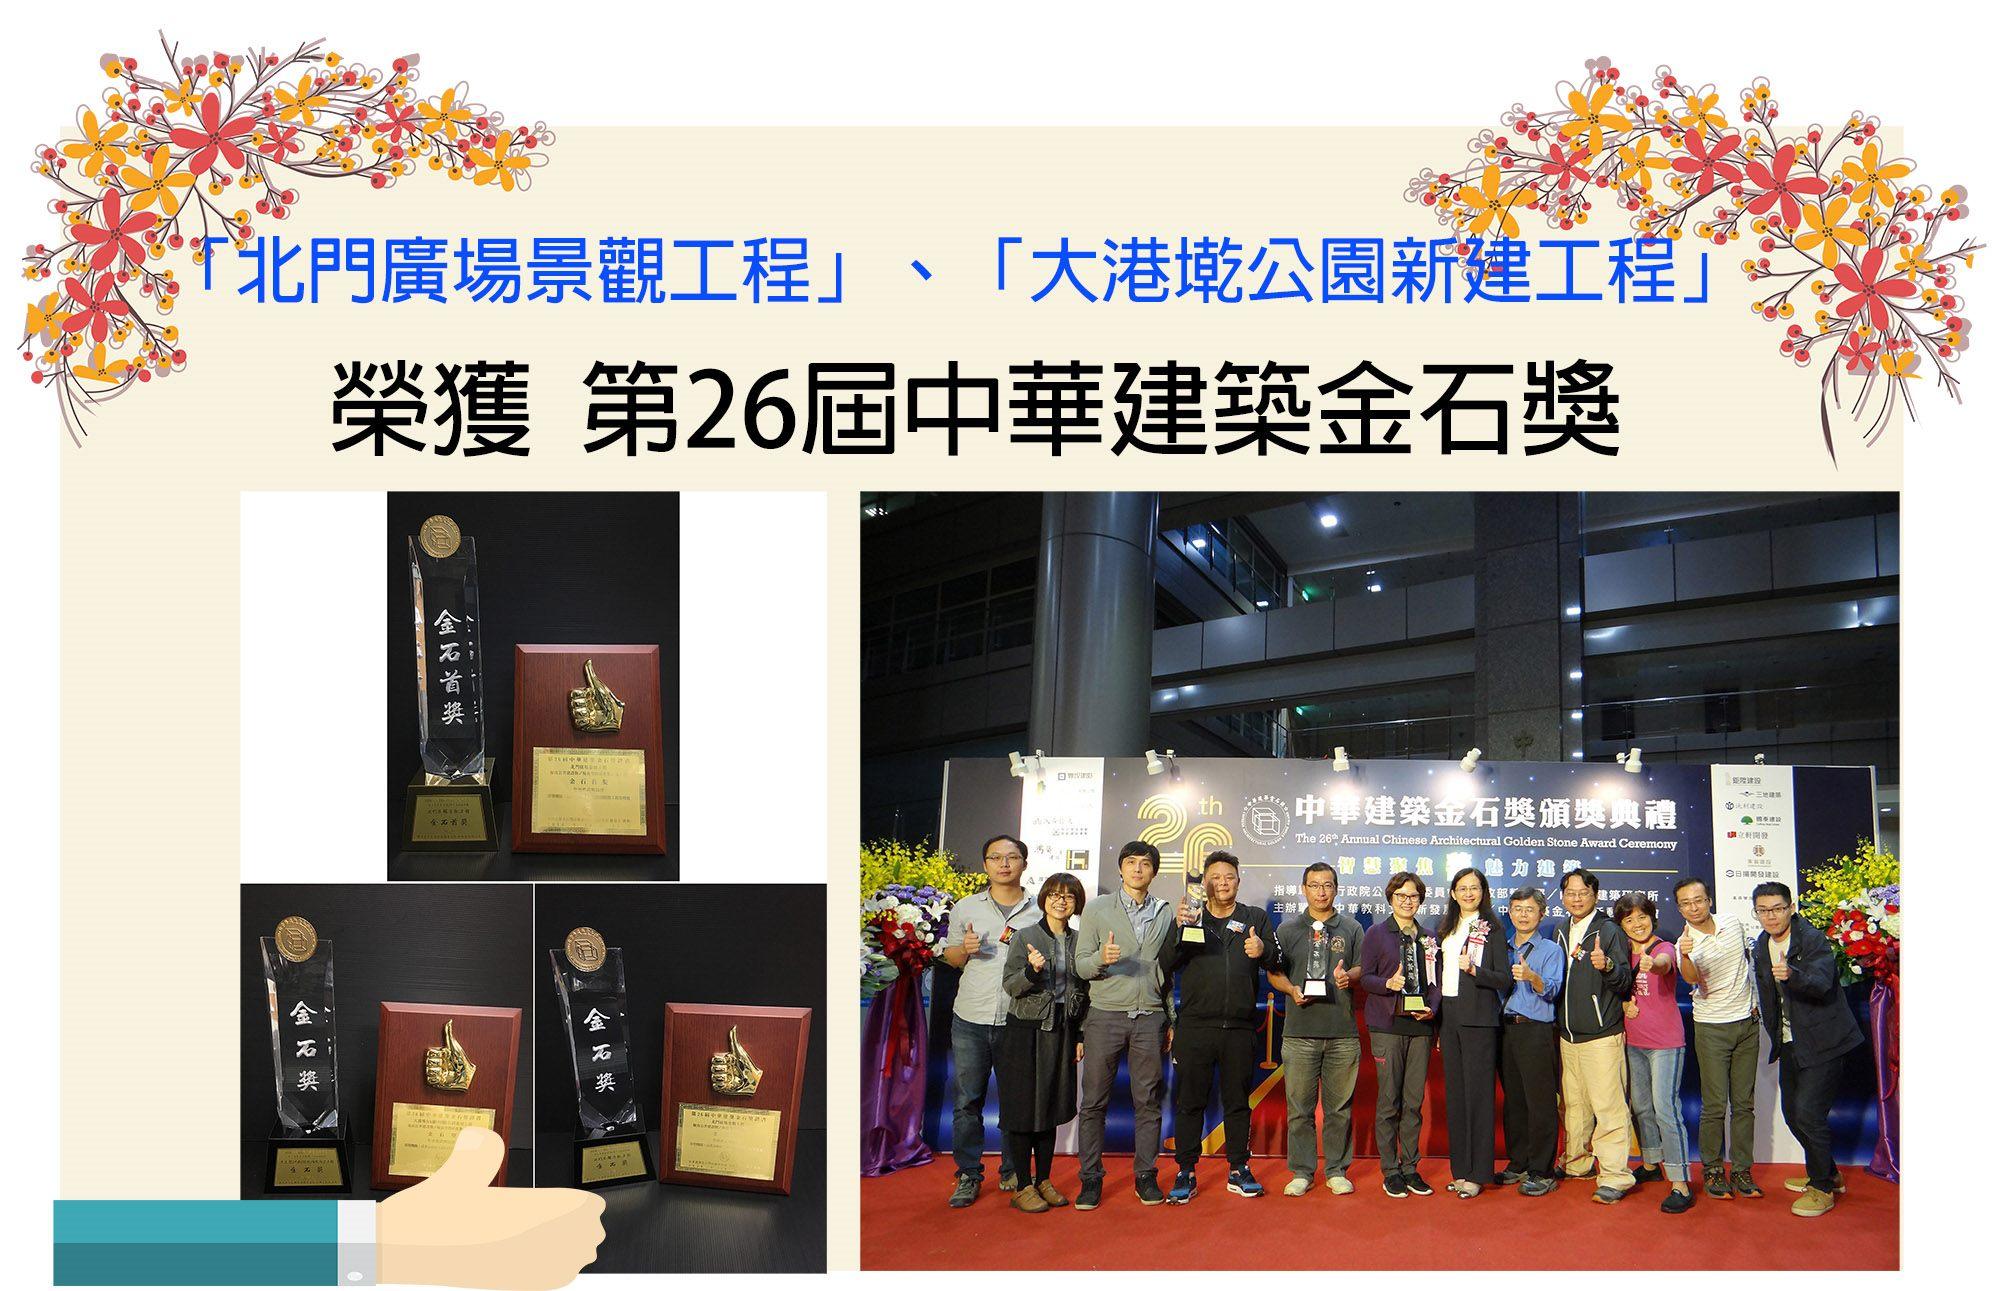 「北門廣場景觀工程」、「大港墘公園新建工程」榮獲第26屆中華建築金石獎